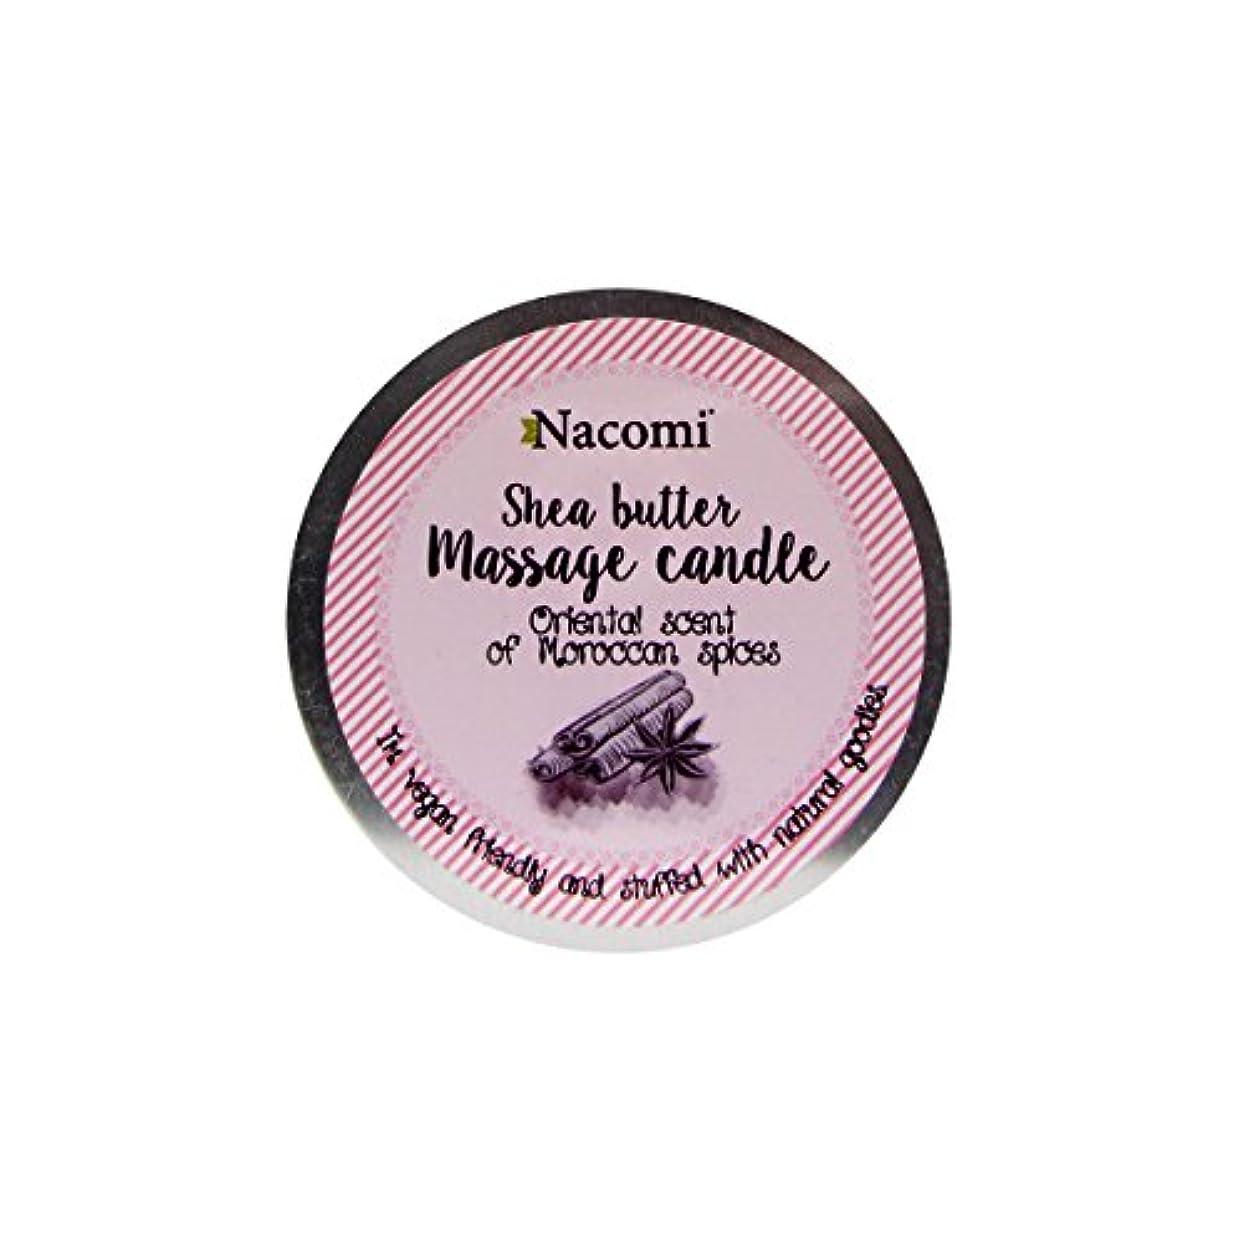 チャレンジマインドフル拮抗するNacomi Shea Butter Massage Candle Oriental Scent Of Moroccan Spices 150g [並行輸入品]